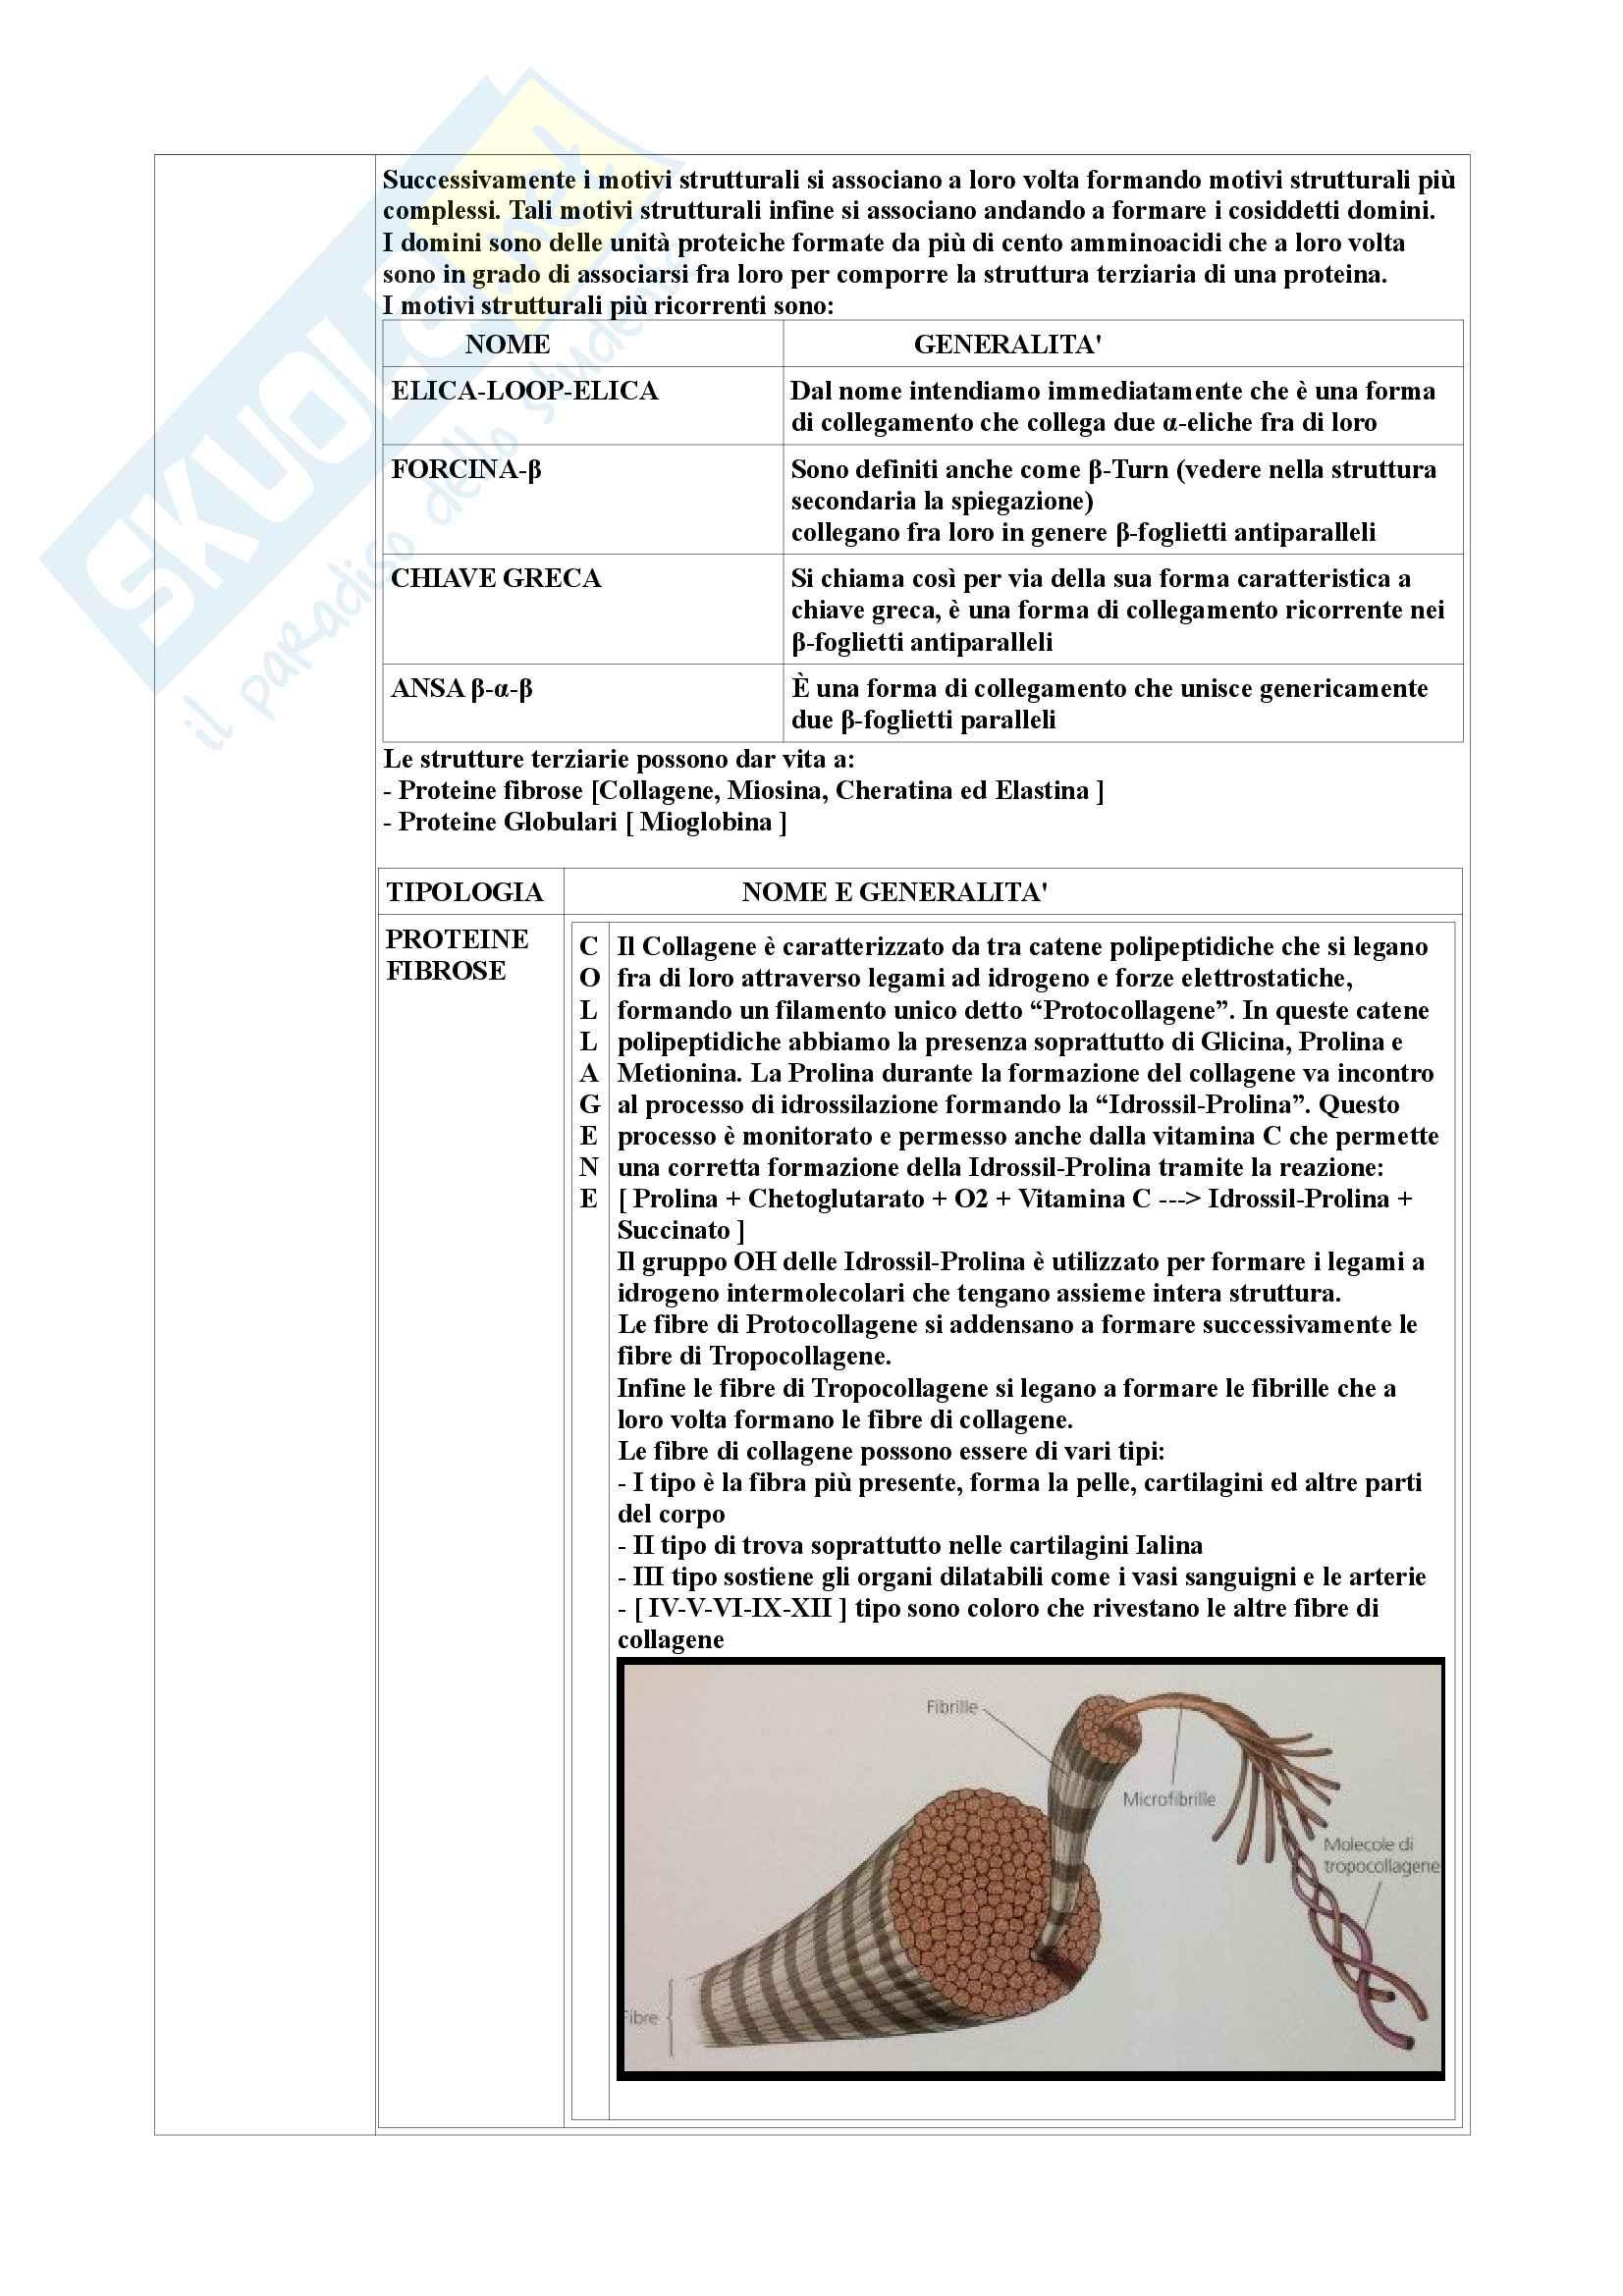 Riassunto di Biochimica degli alimenti Pag. 56